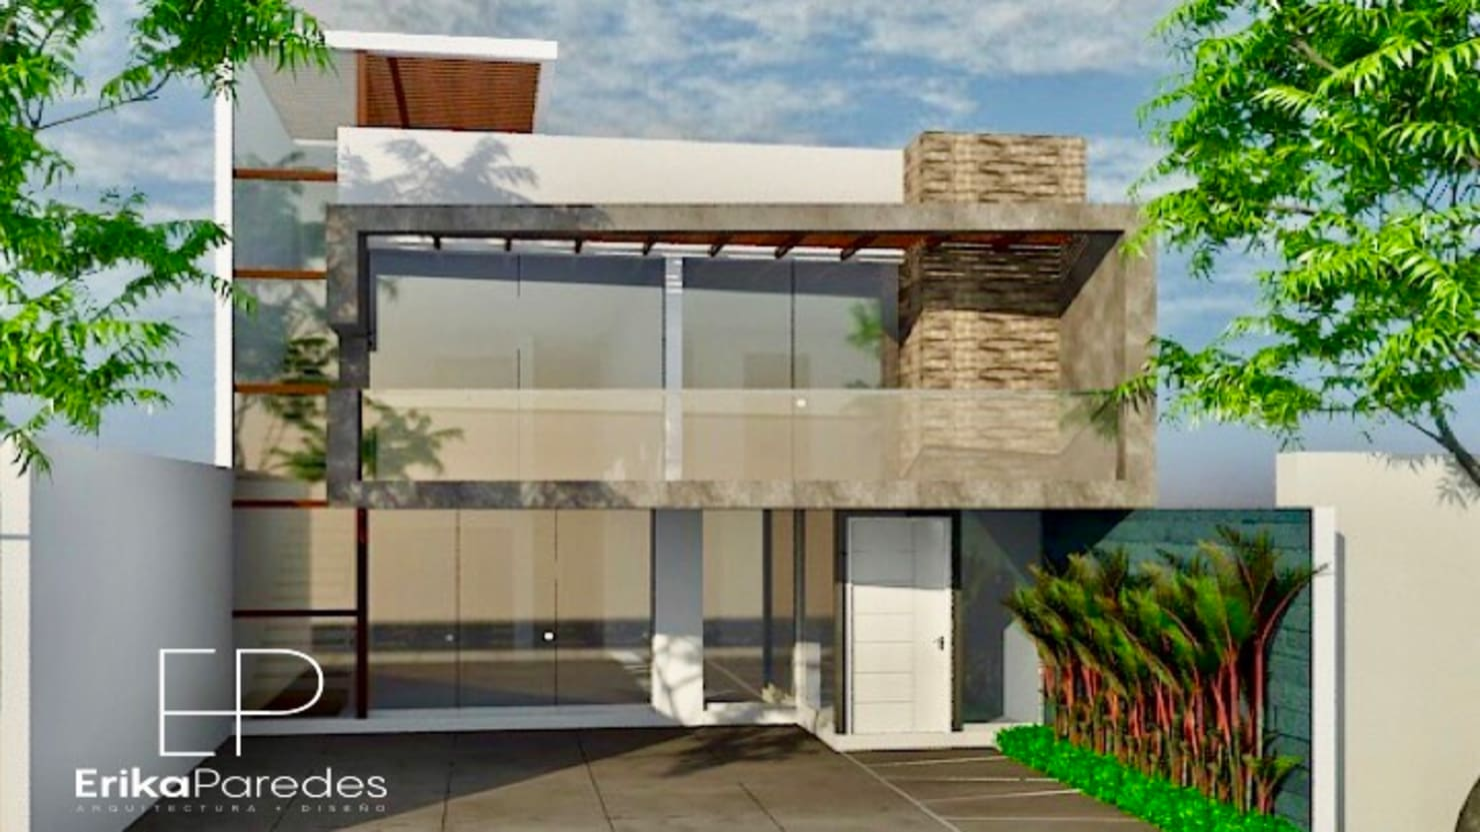 Cómo construir un segundo piso a la casa